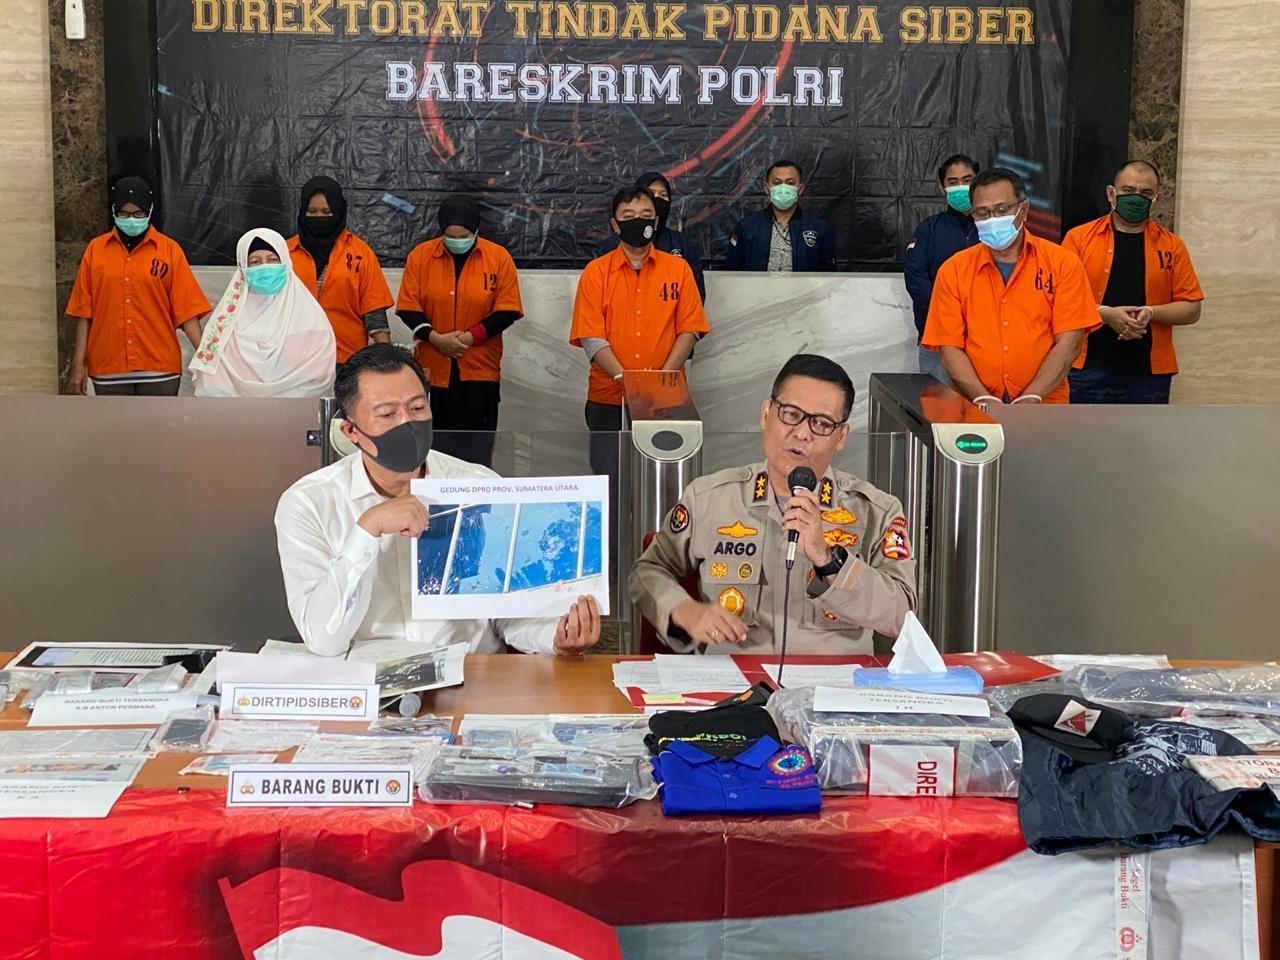 BEGINI ISI PERCAKAPAN WAG KAMI MEDAN YANG DIUNGKAP POLISI 1